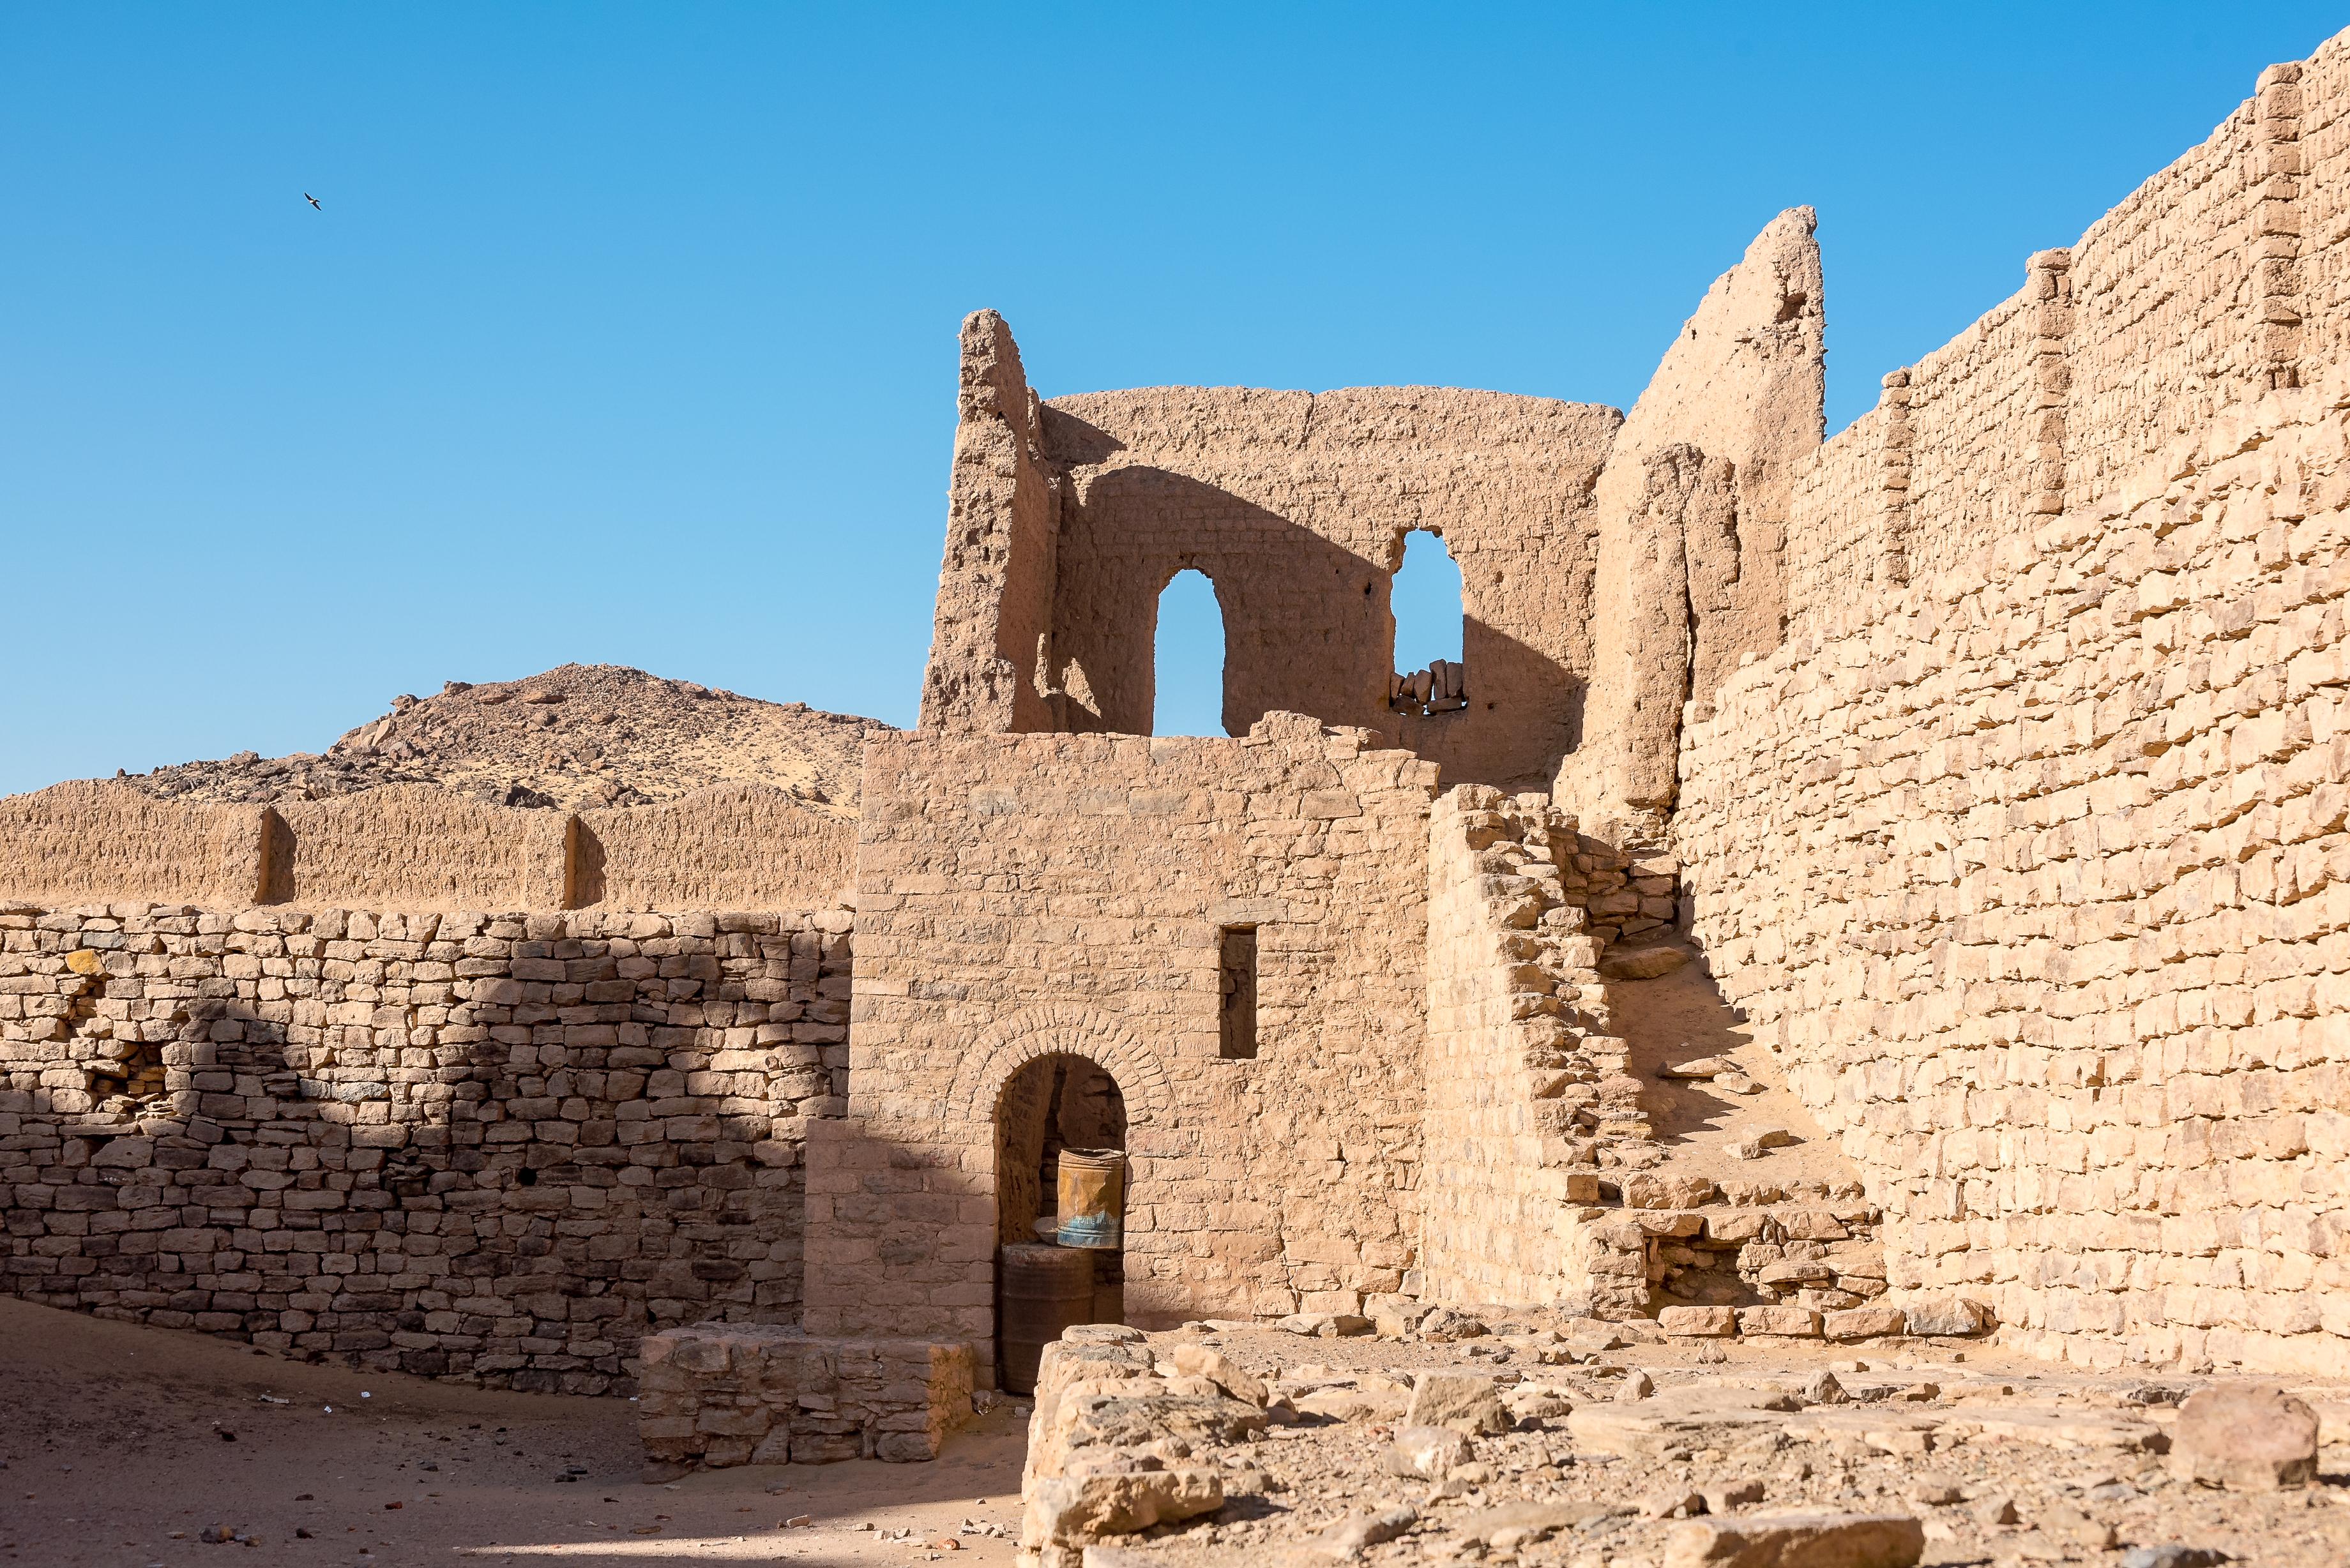 埃及阿斯旺 努比亞村半日遊(走進彩虹小鎮 探訪阿斯旺童話王國)